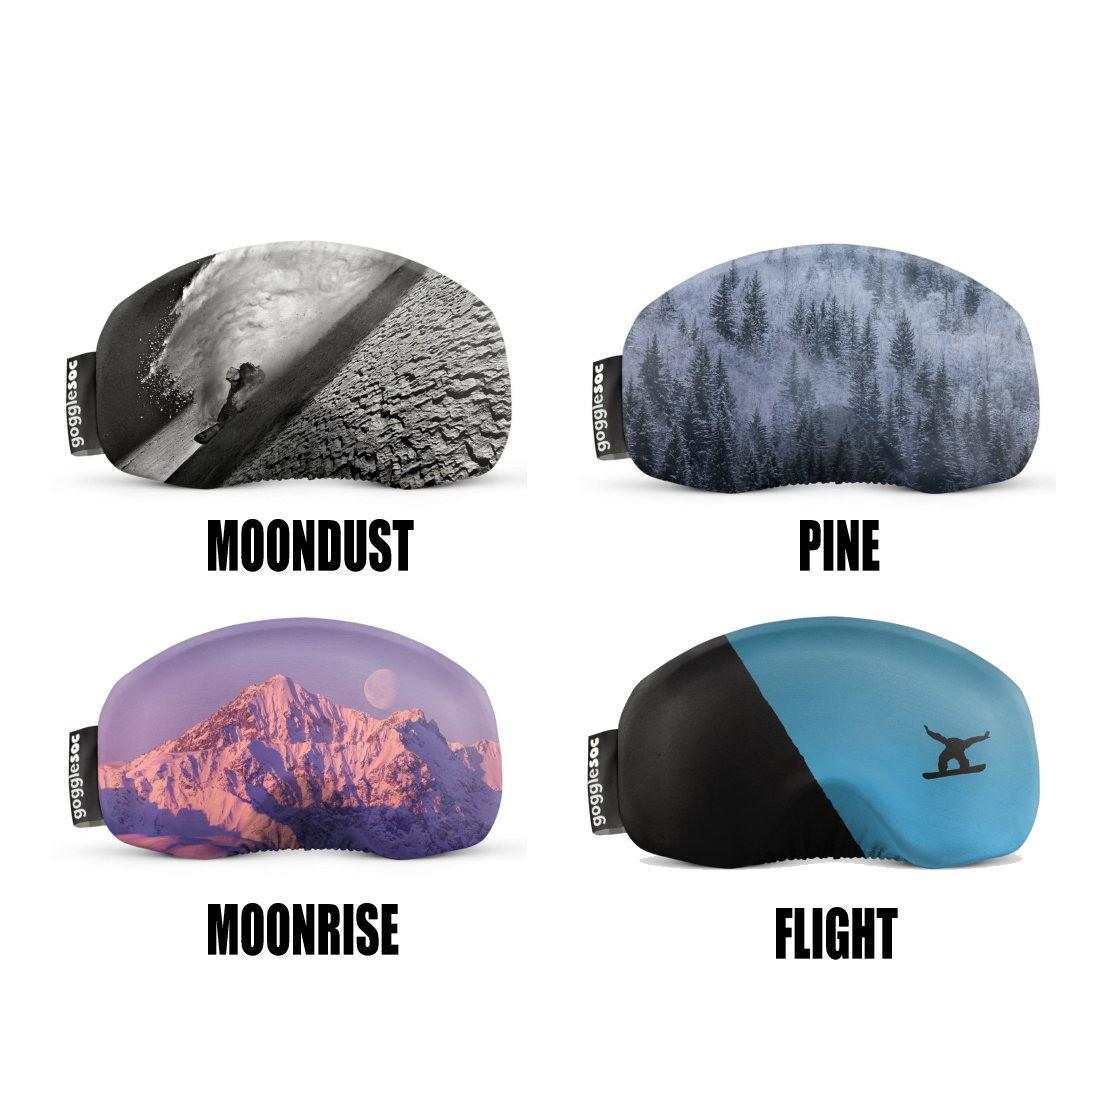 ゴーグルソック gogglesoc スコット サーファス 限定モデル ゴーグルカバー  国内正規品